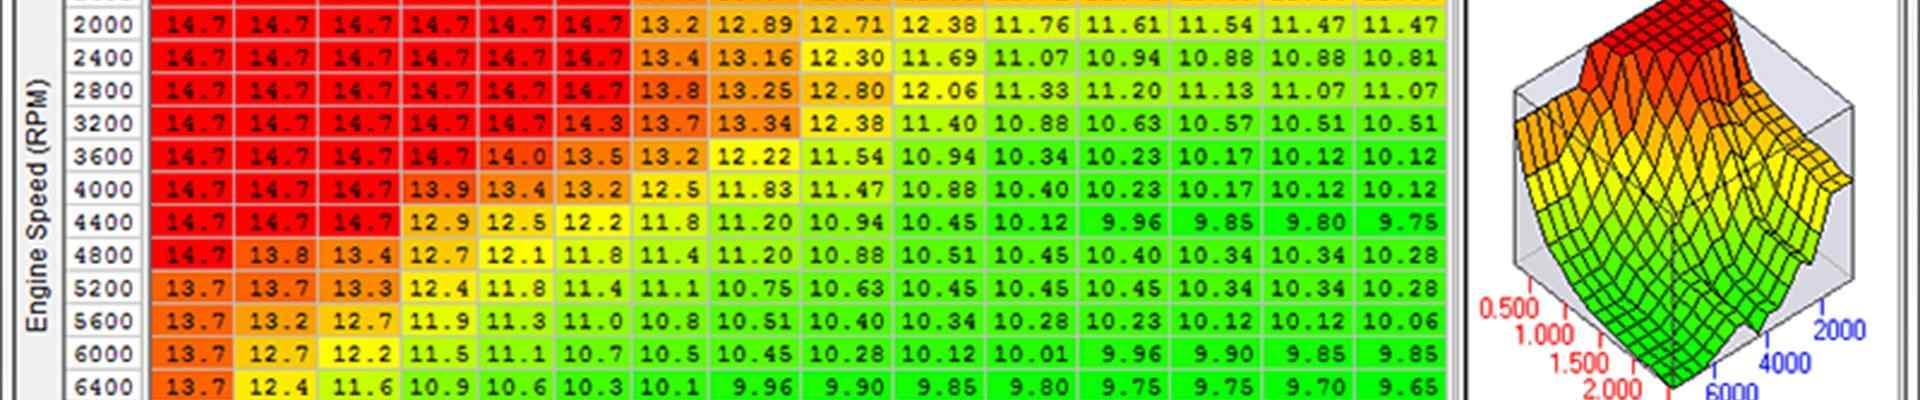 Rimappatura centralina bergamo map 3d